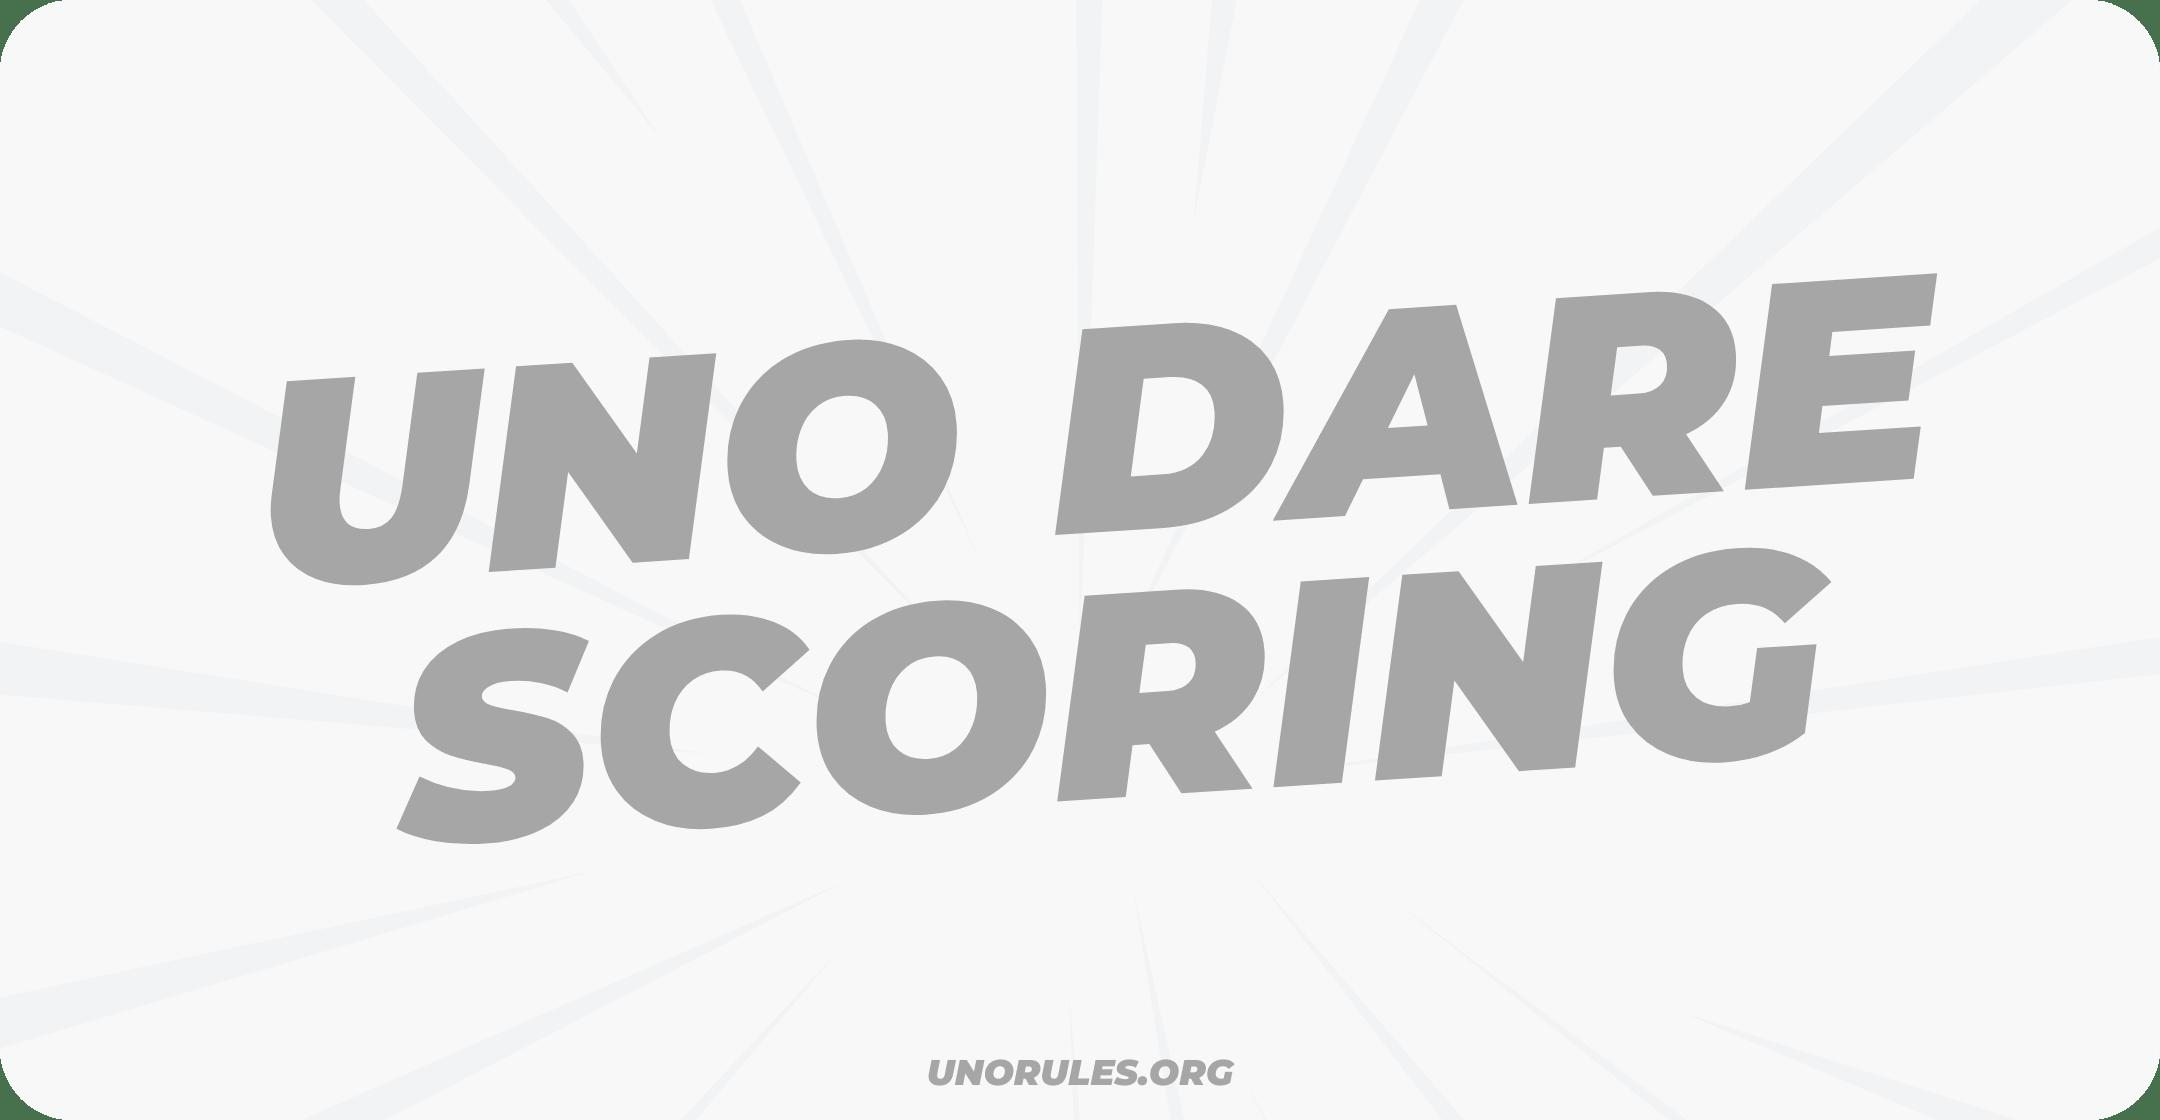 Uno dare scoring